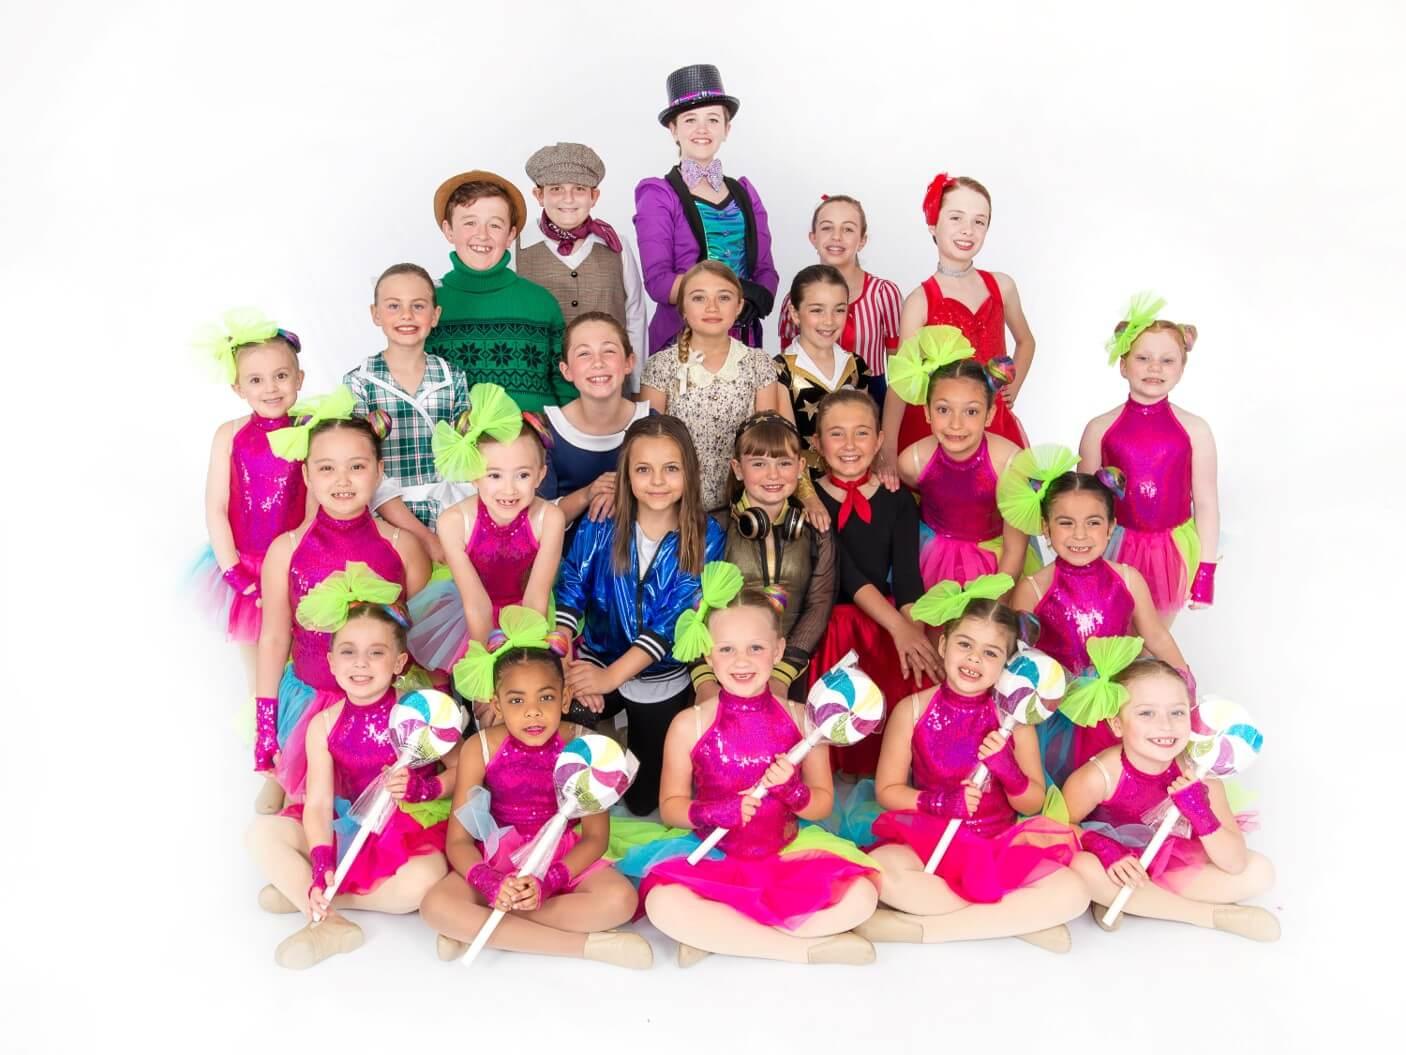 Willy Wonka Kids 2021 Cast A